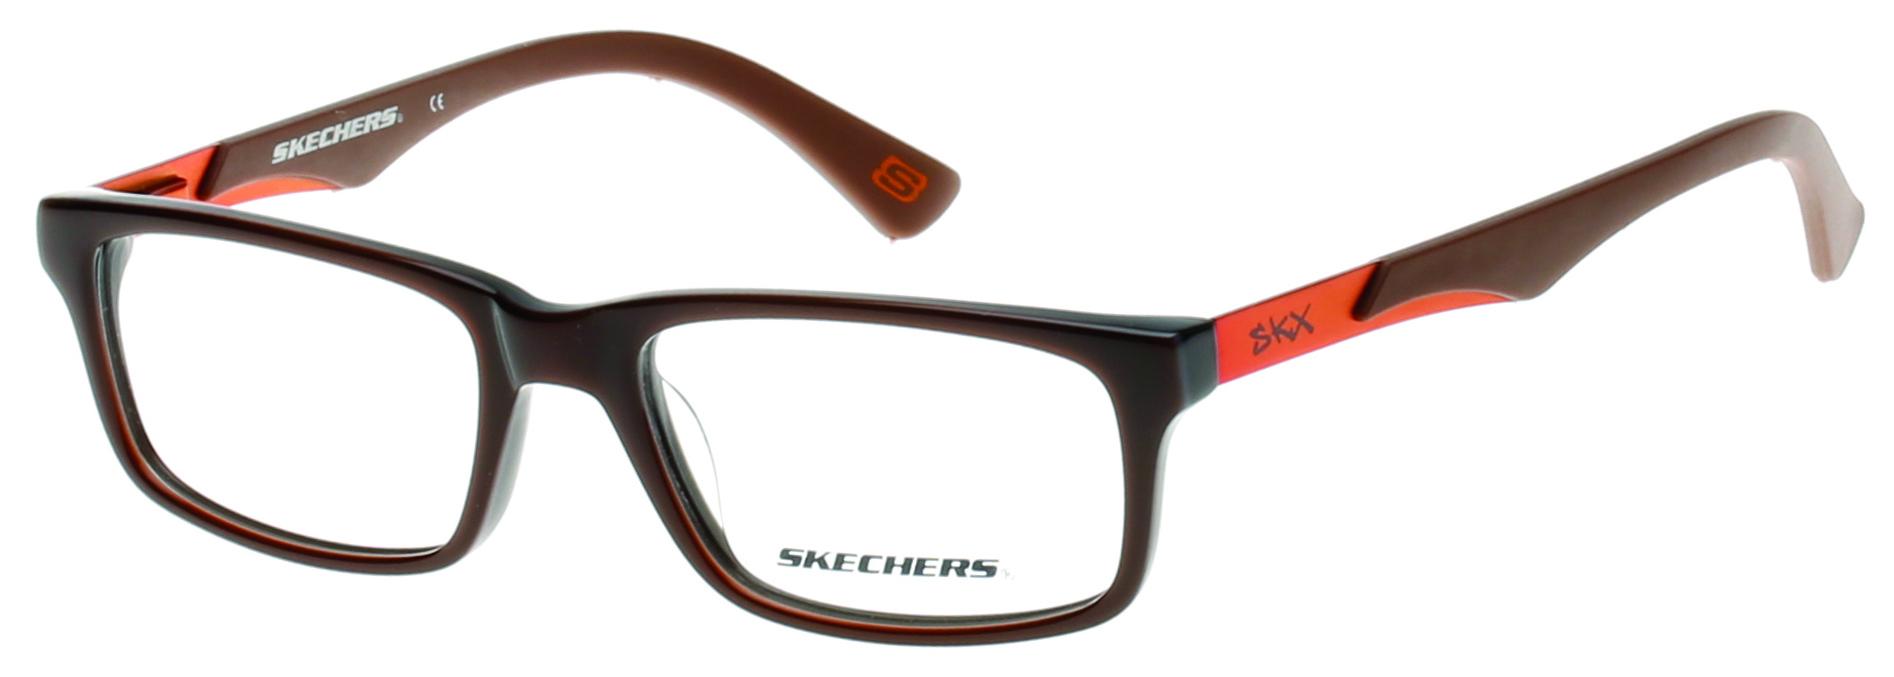 968c6f854bb Eyewear for Kids - Brown 11-13 years - Optiwow